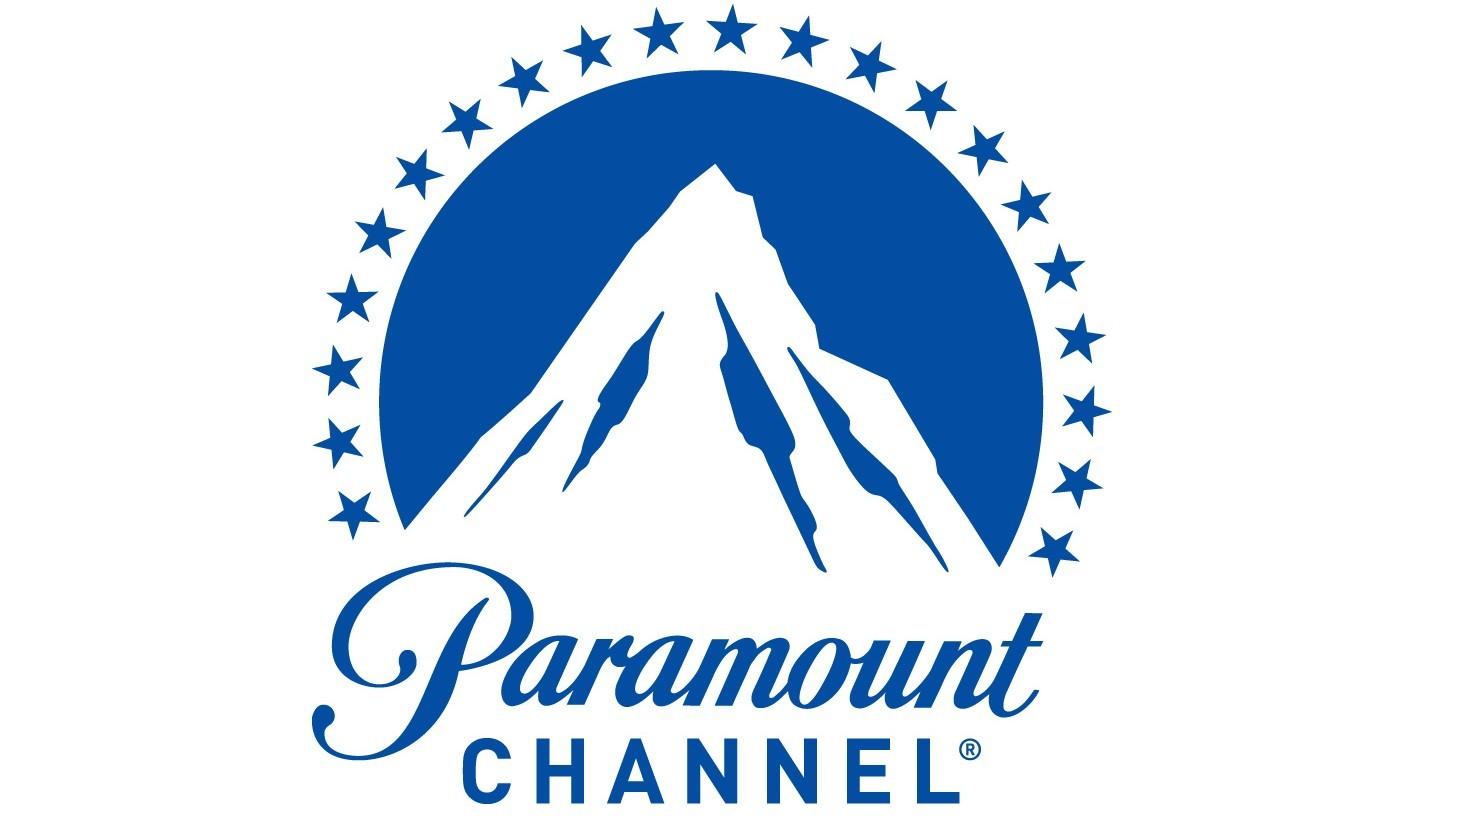 Egy hónapig kódolatlan a Paramount Channel | 24.hu